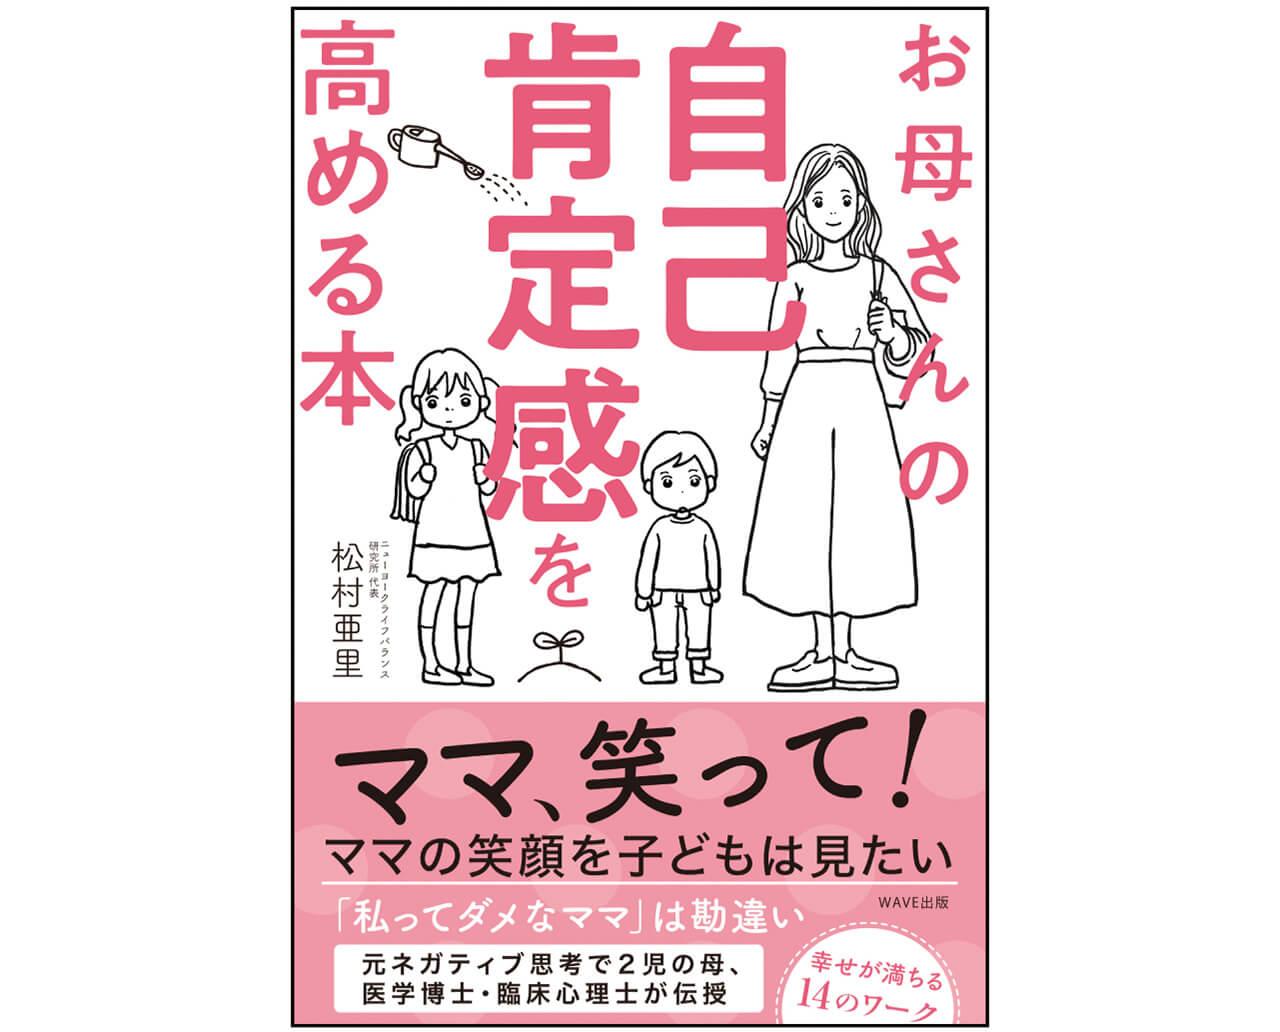 『お母さんの自己肯定感を高める本』(WAVE出版)